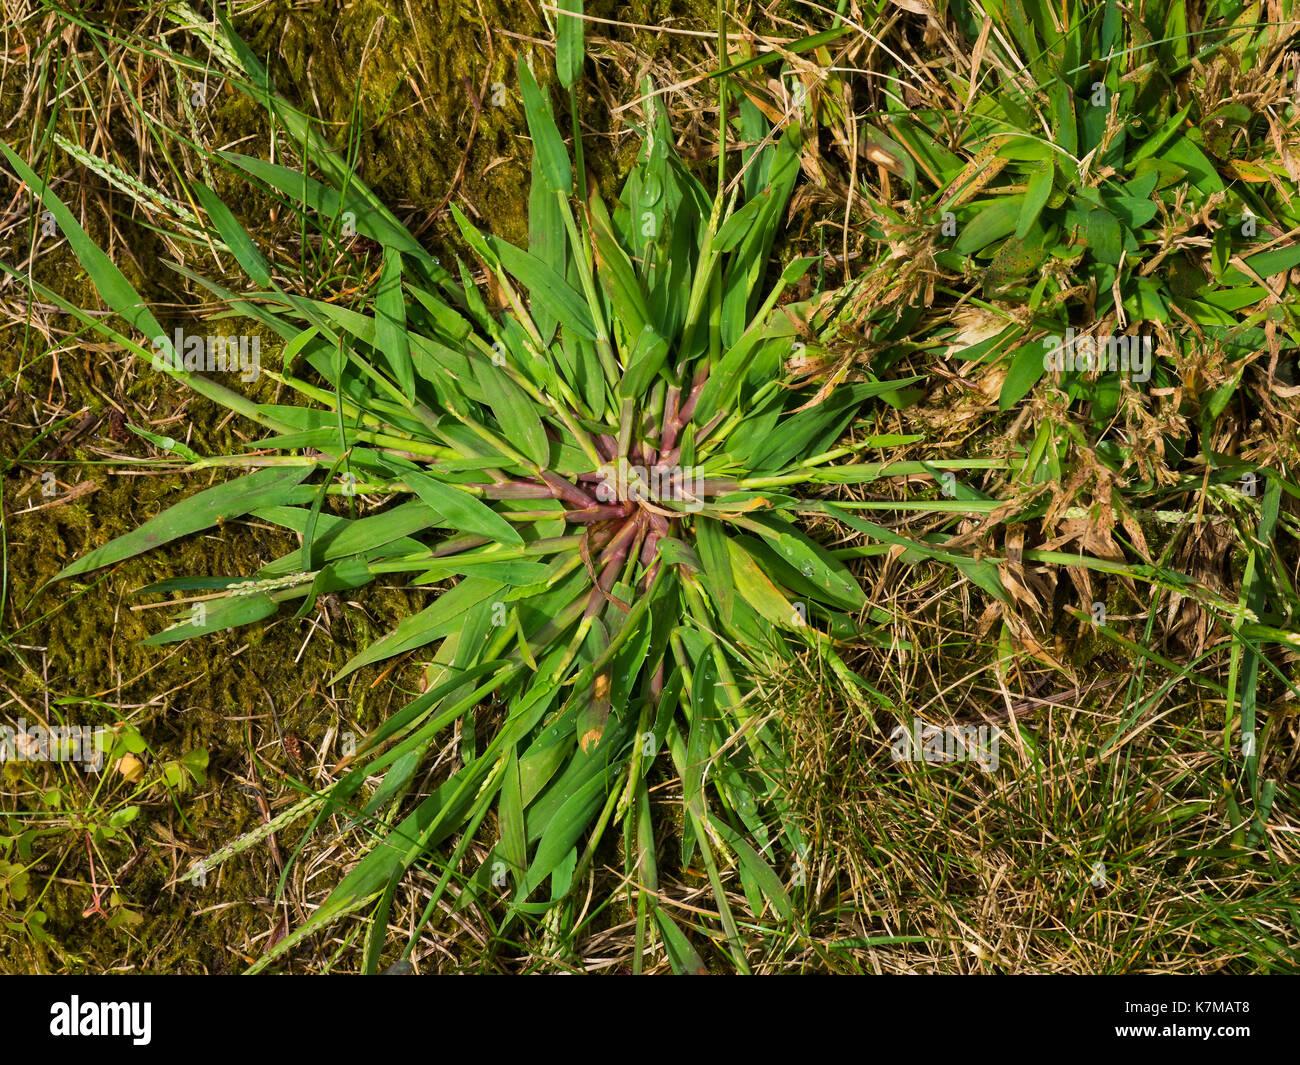 Ein Schönes Muster Crabgrass Unkraut Aus Meinem Garten Stockfoto